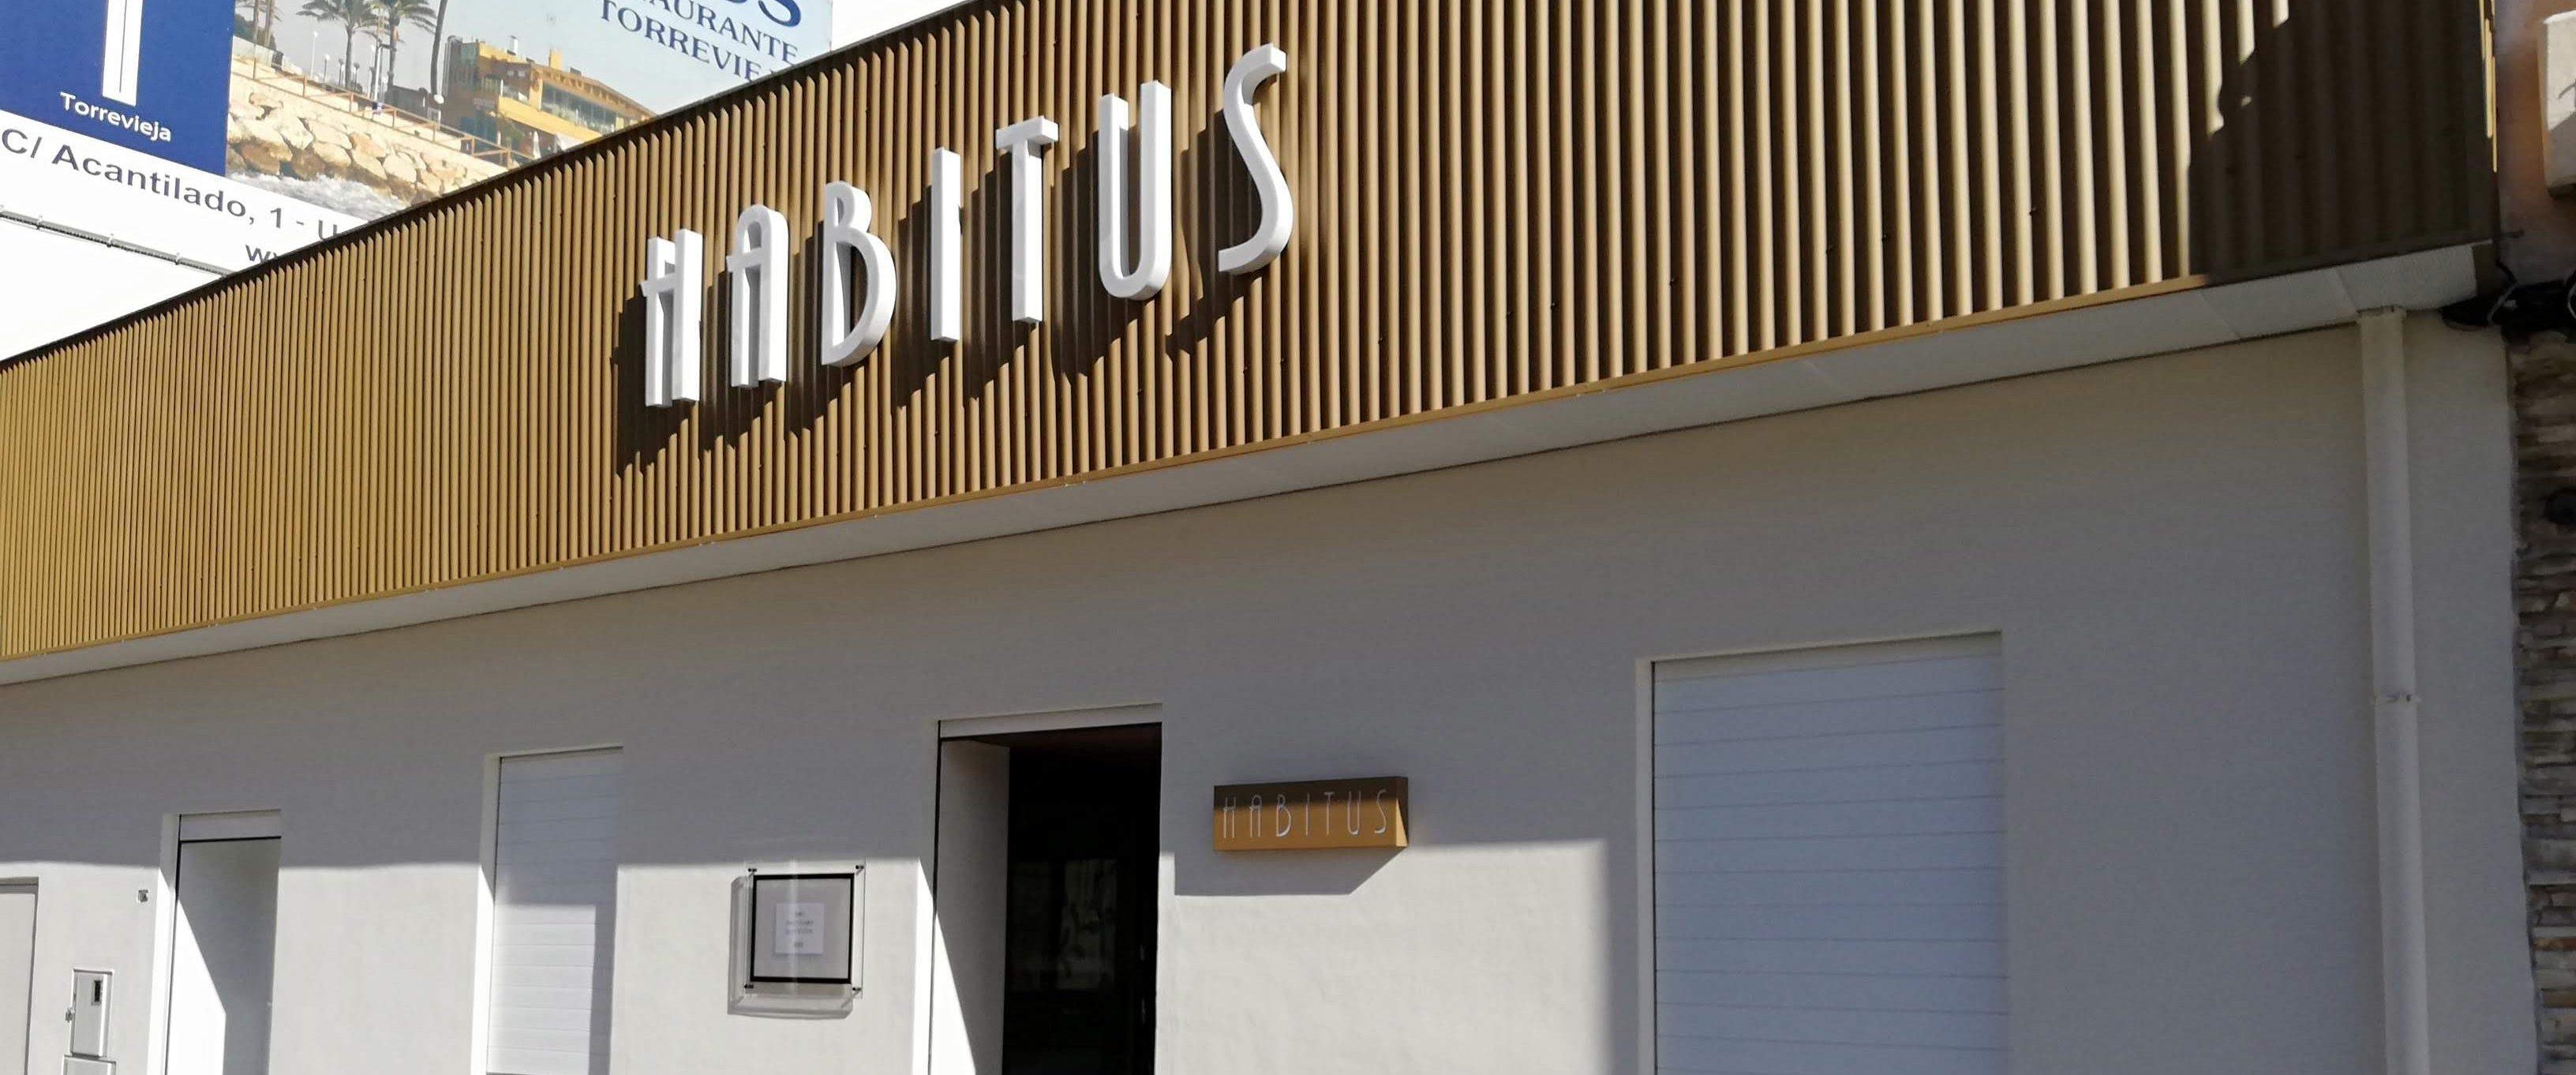 Restaurante Habitus